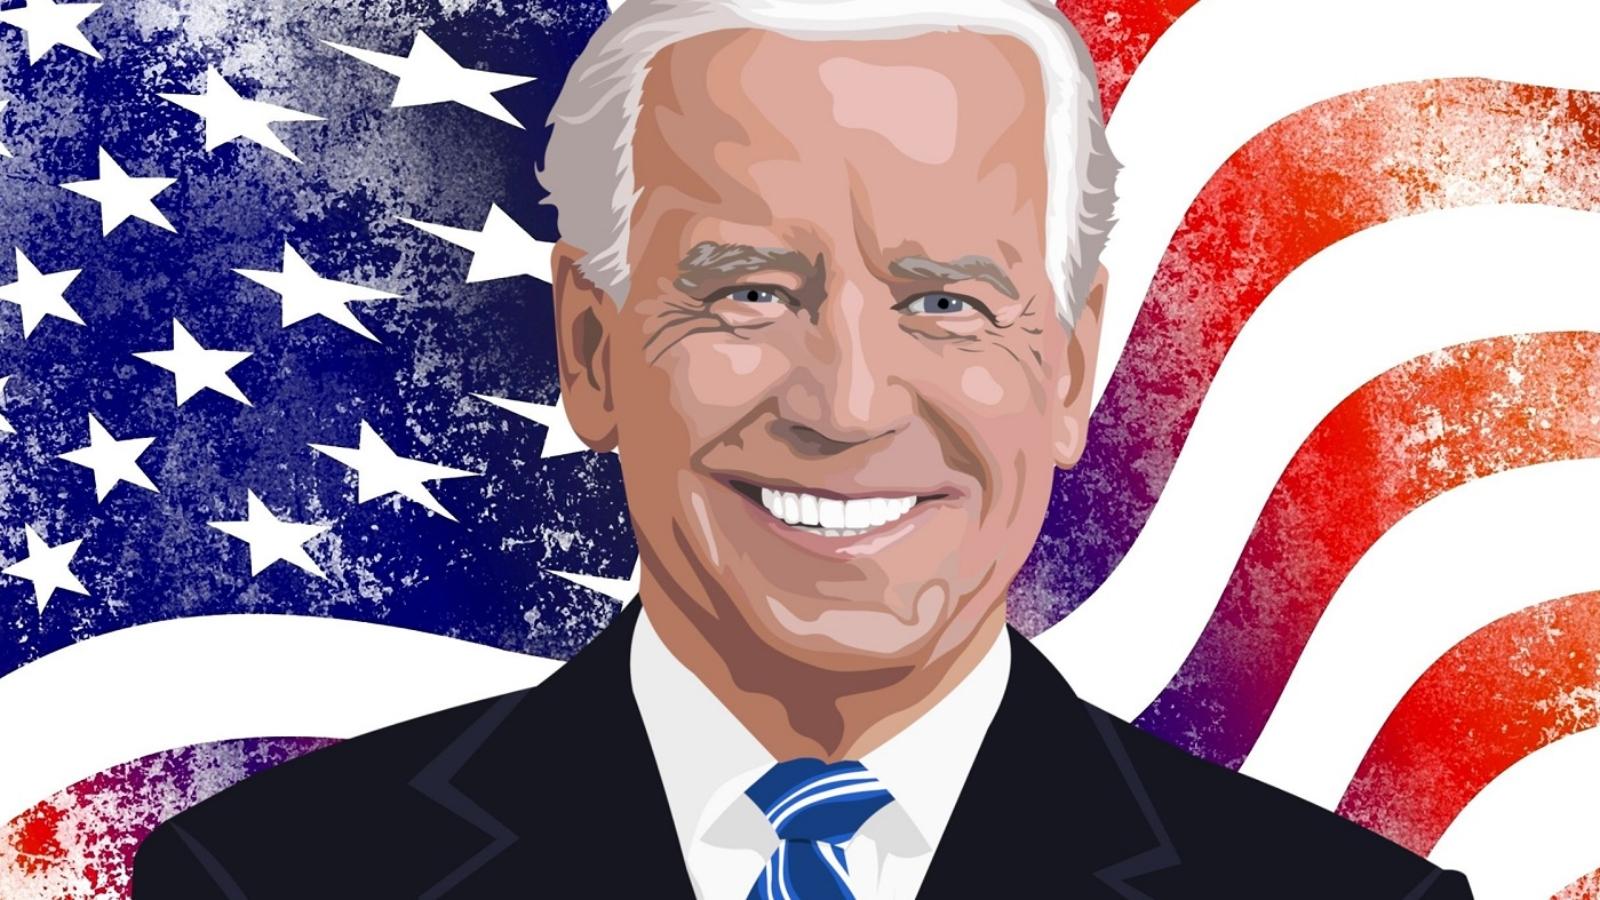 O que muda com Joe Biden depois de 4 anos de Donald Trump. E o que será apenas uma questão de estilo